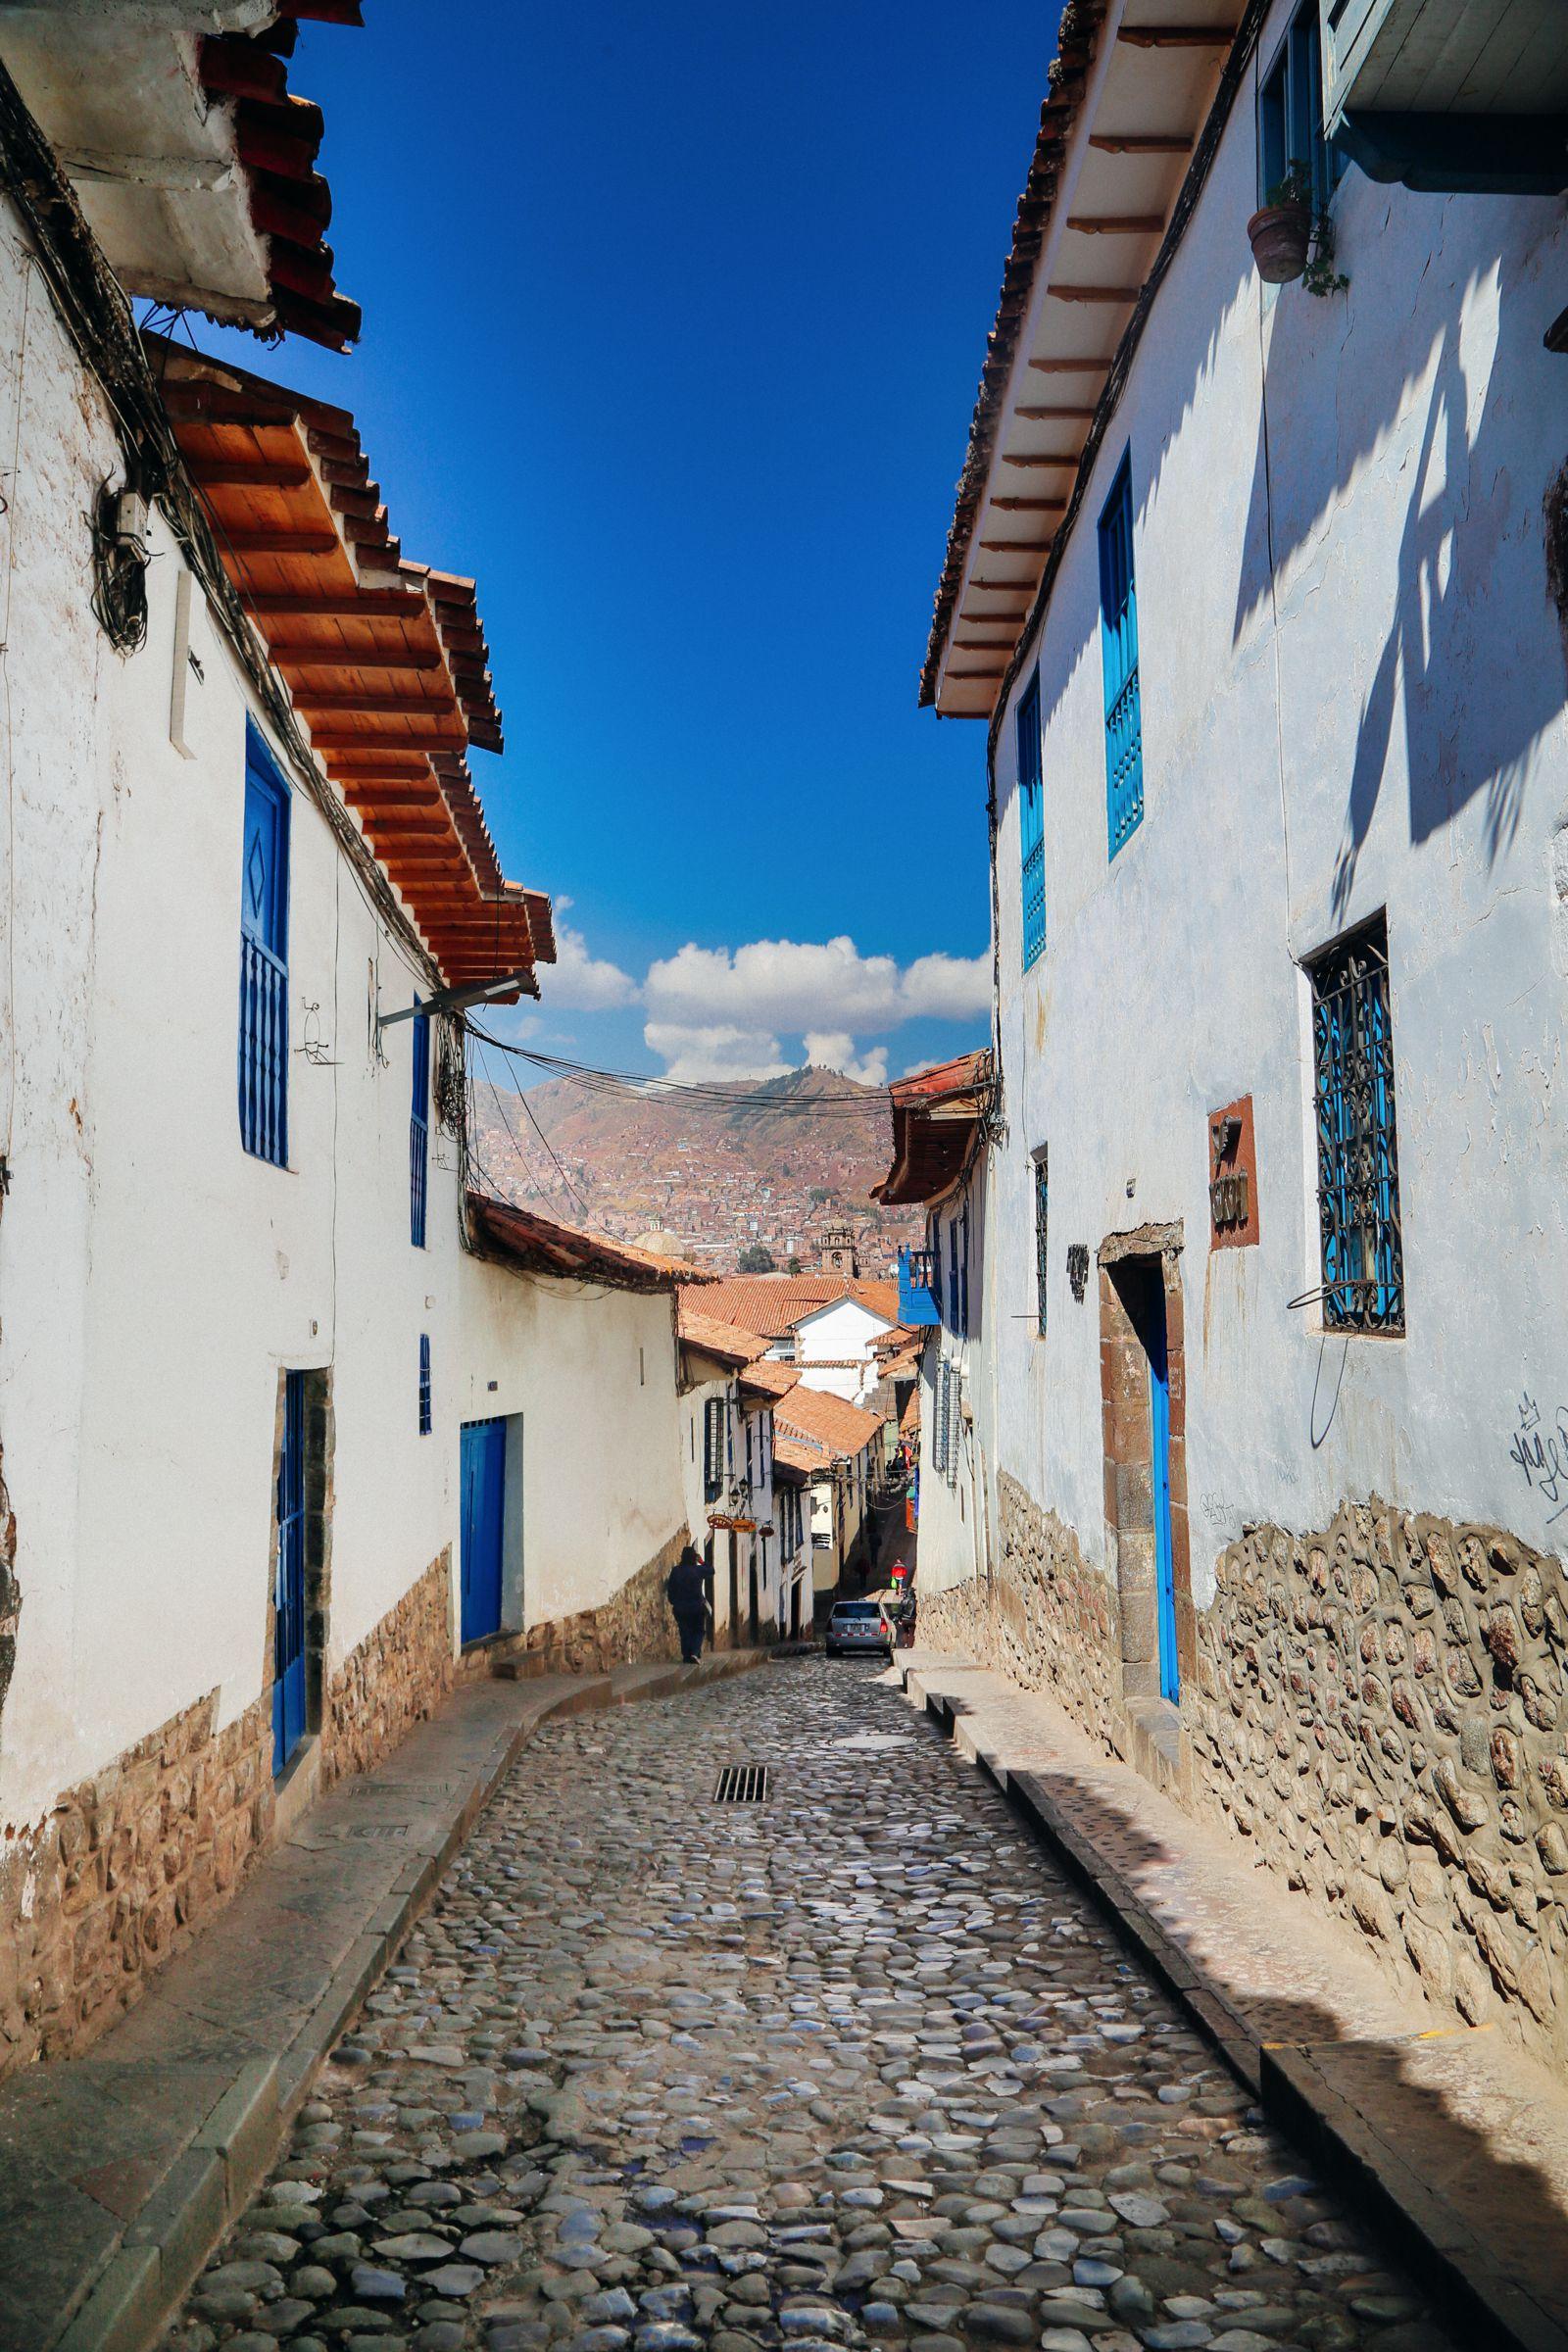 Postcards from Peru - Cusco and Machu Picchu (4)